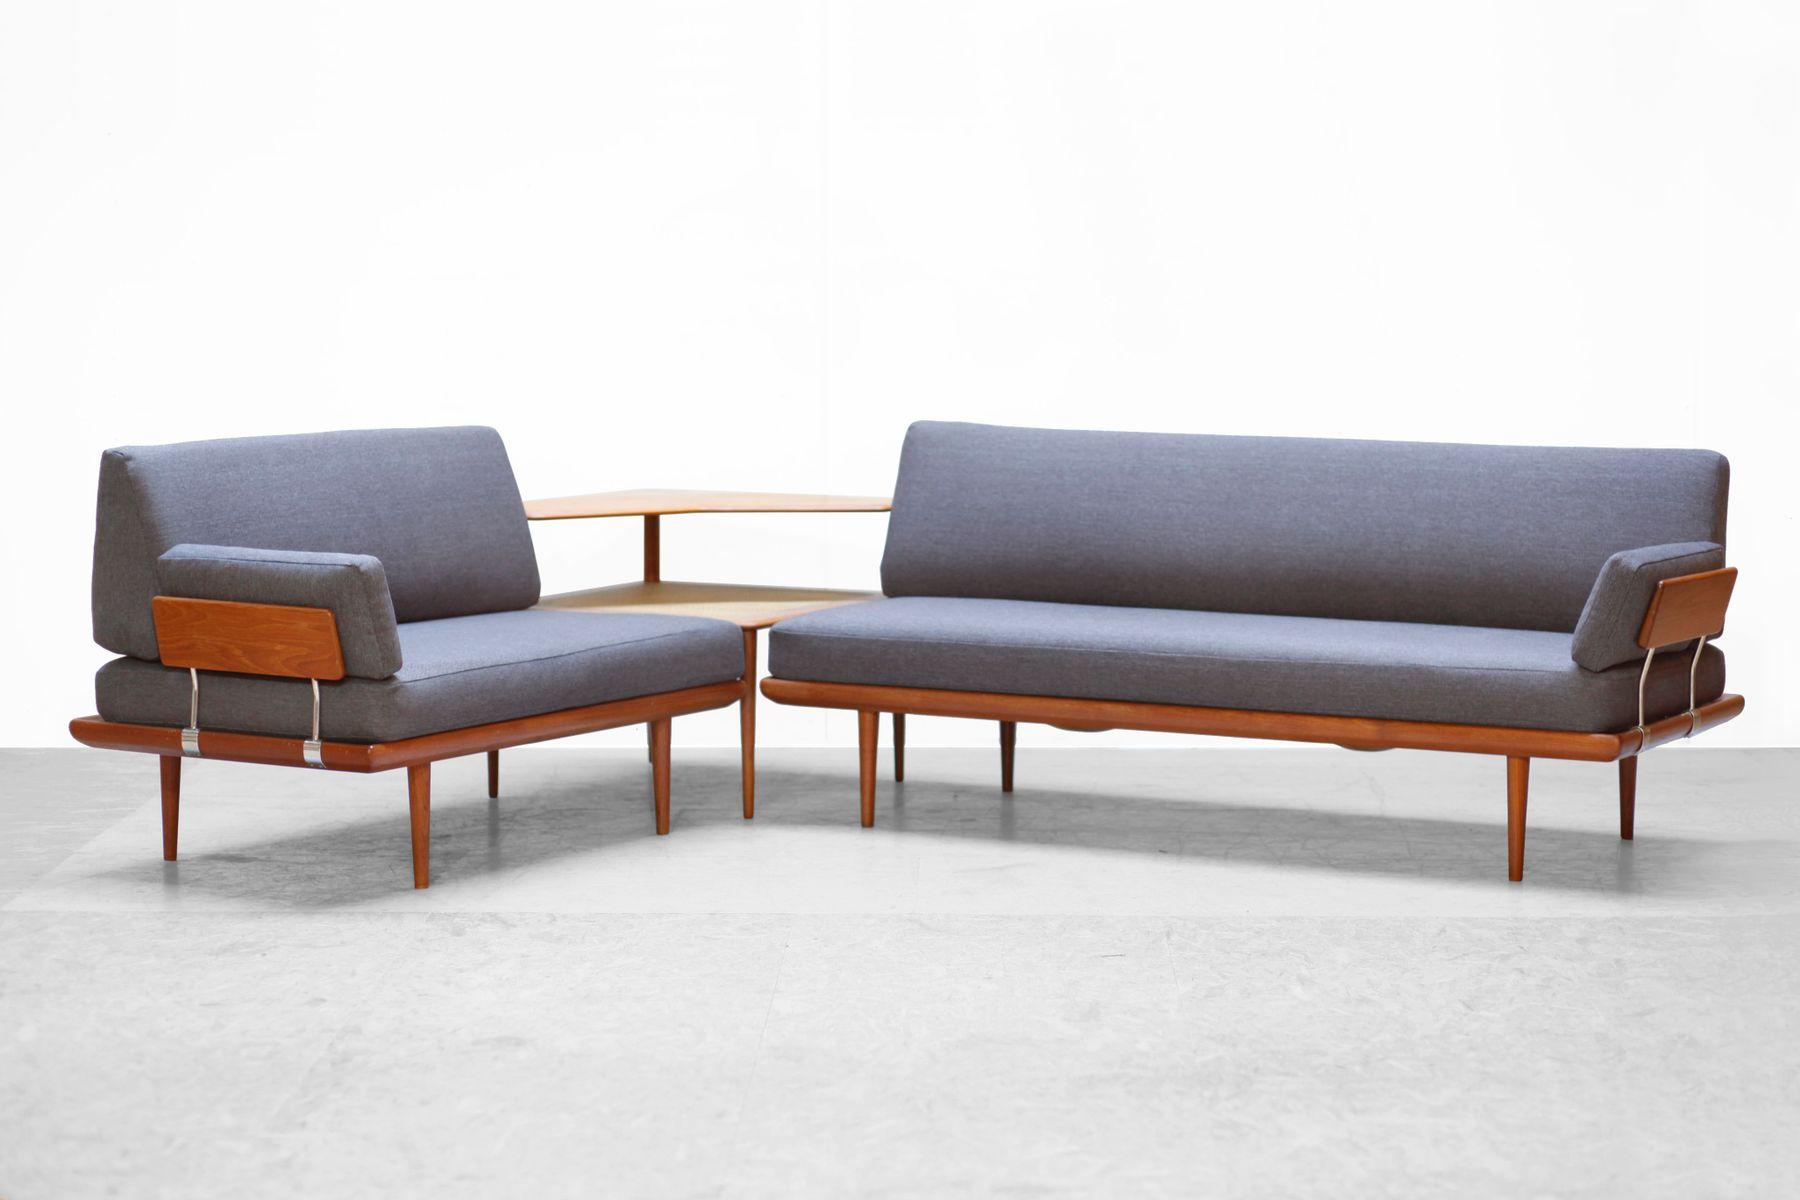 Danish Modern Teak Sofa Set By Peter Hvidt U0026 O.M. Nielsen For France U0026 Son,  1950s